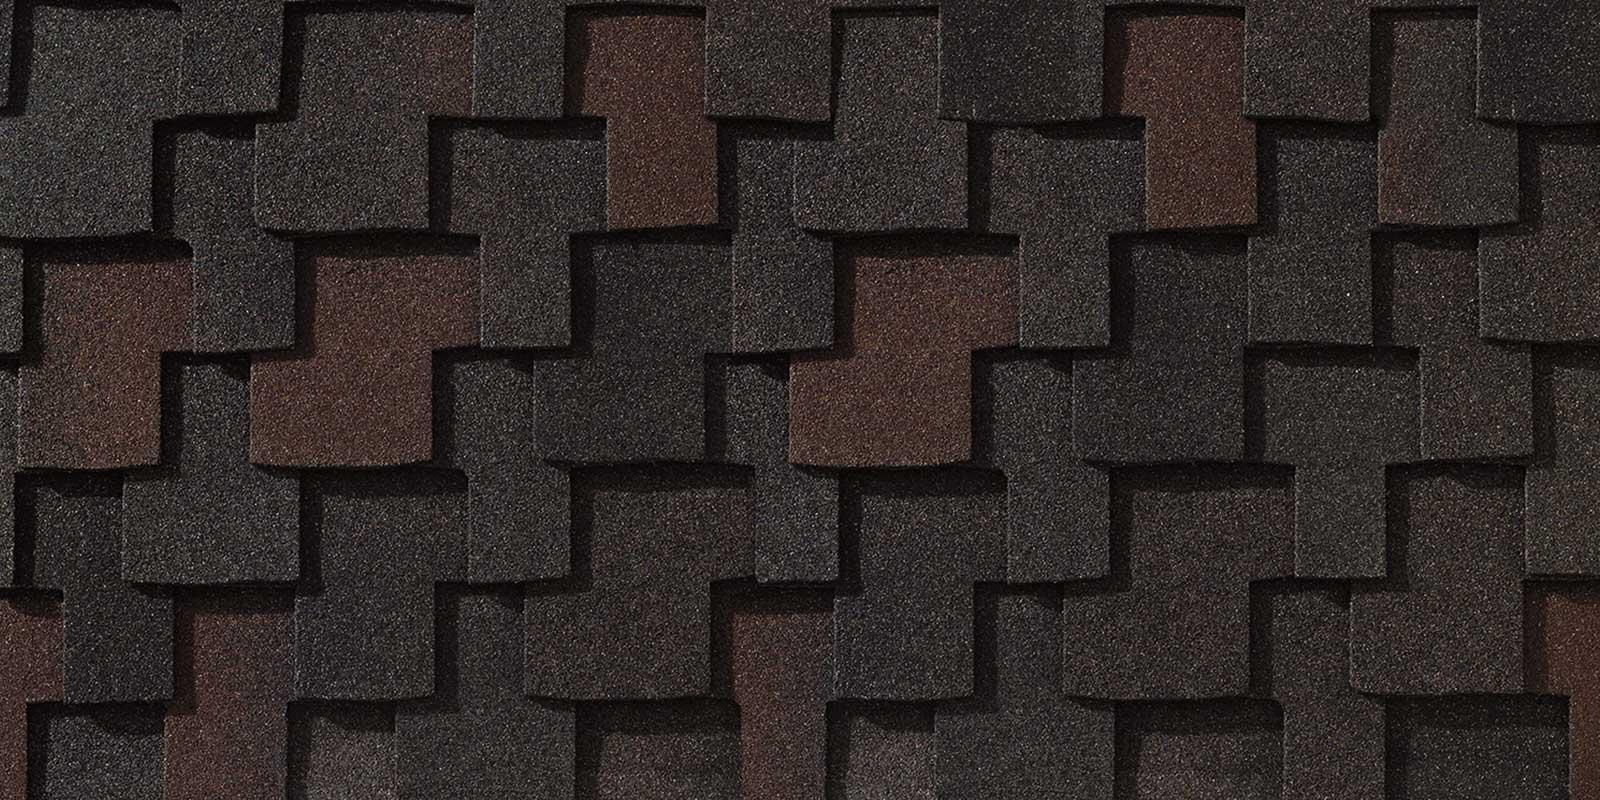 Zdjęcie produktu jakim jest gont bitumiczny amerykańskiej firmy GAF z linii Grand Canyone, pokrycia dachowe